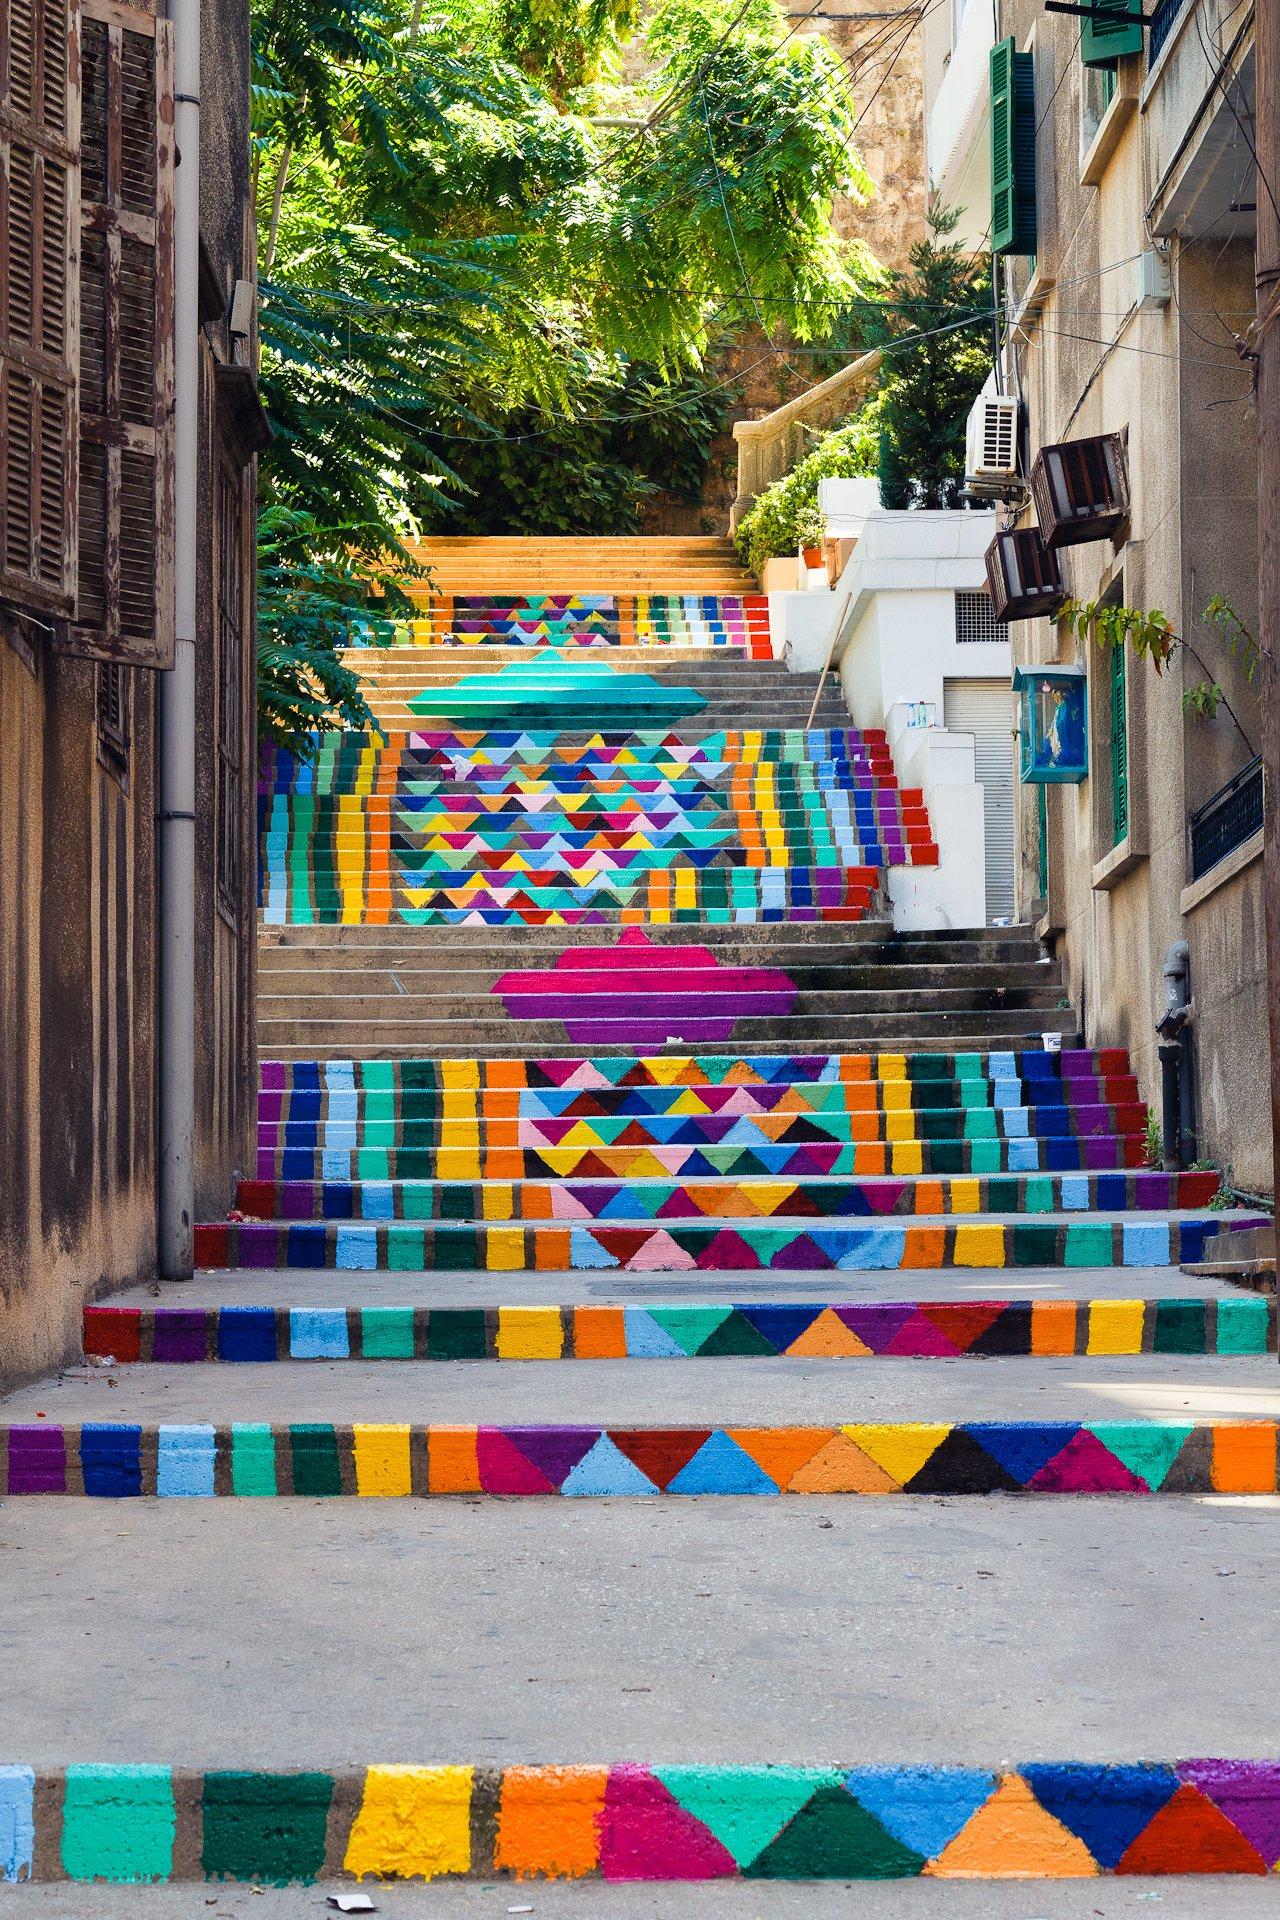 Rainbow street art steps in Beirut, Lebanon.